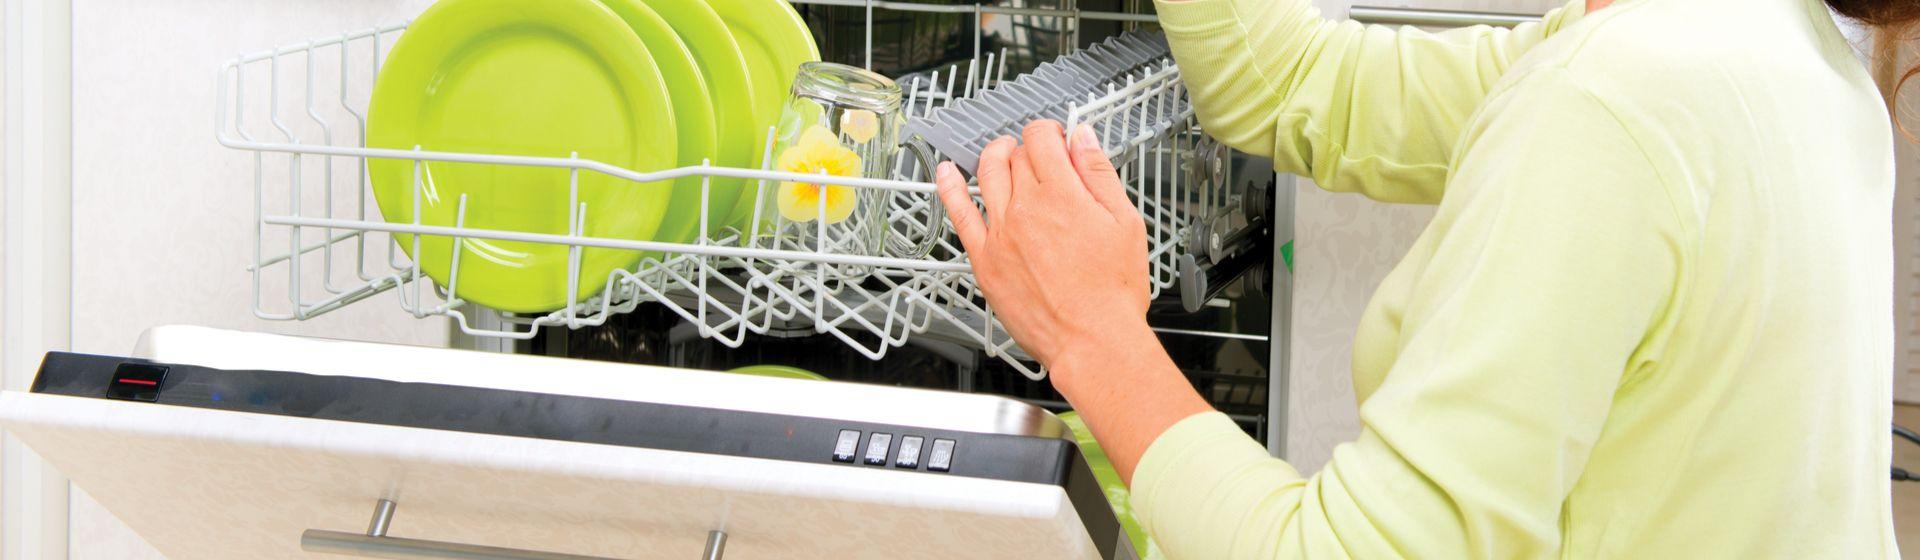 Lava-louças: como limpar? Como economizar? 4 dicas para usar o eletrodoméstico da melhor forma